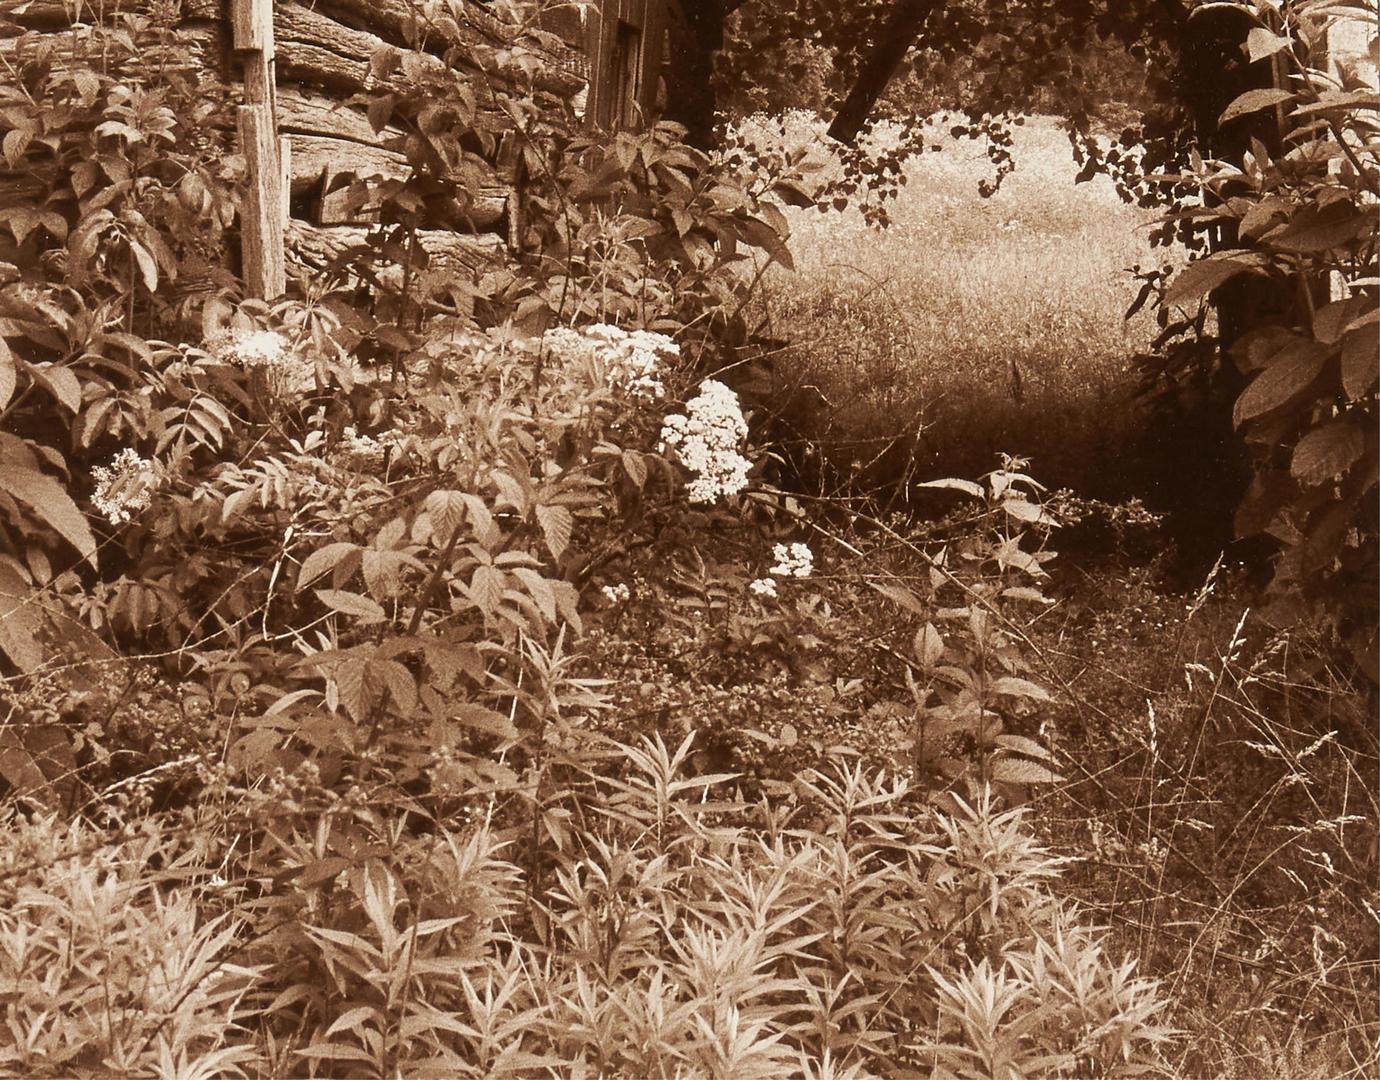 Lot 623: 2 Maria von Matthiessen Photographs, Southern Barns